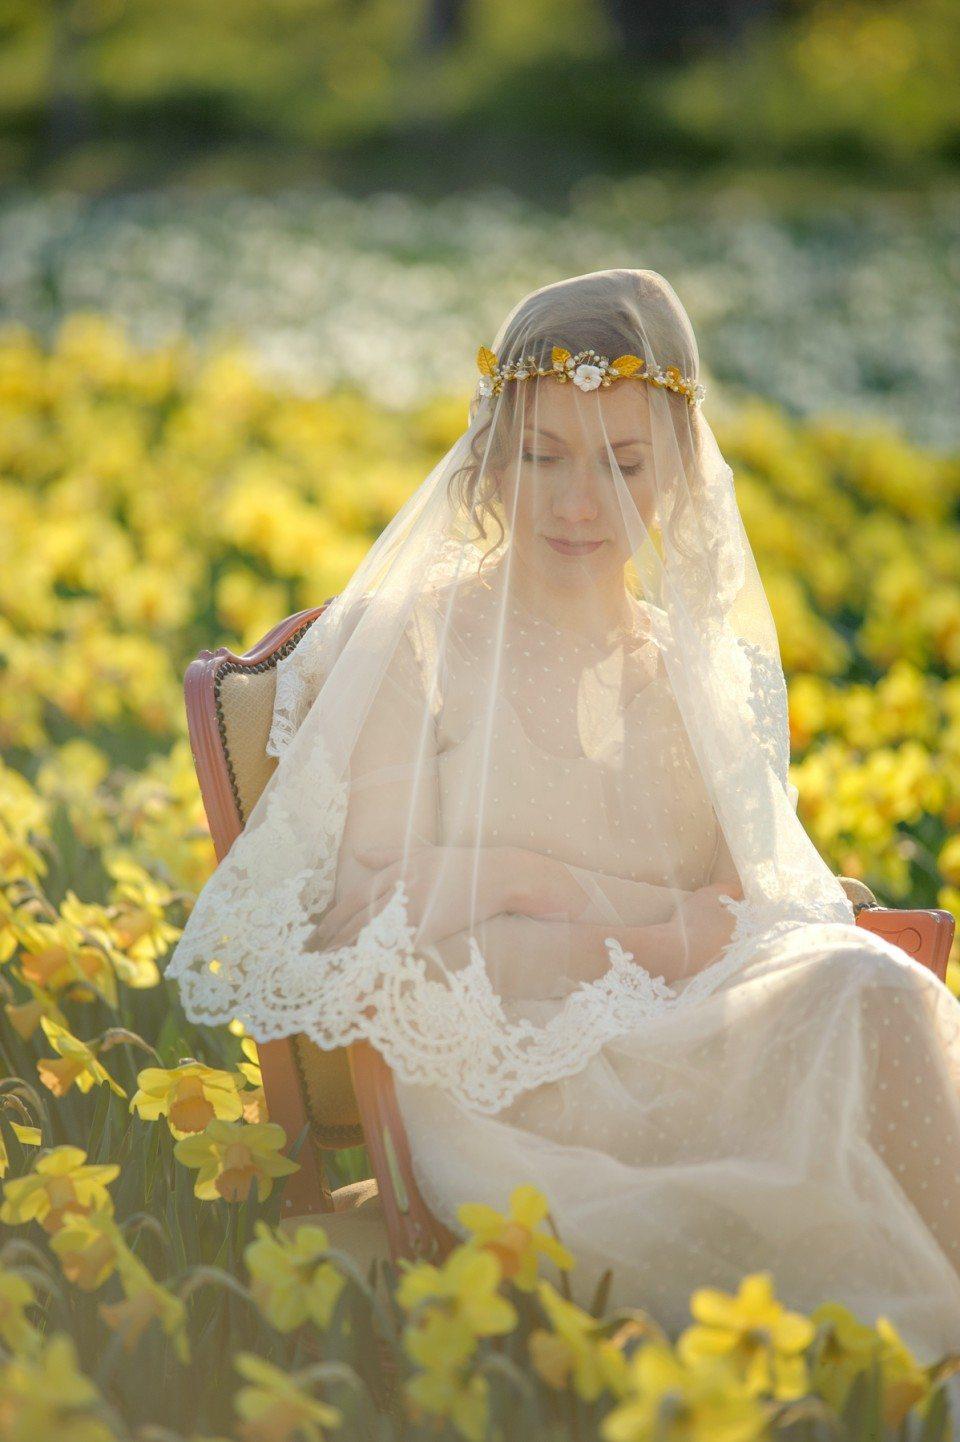 Цветочные поля: love-story Кати и Ильи